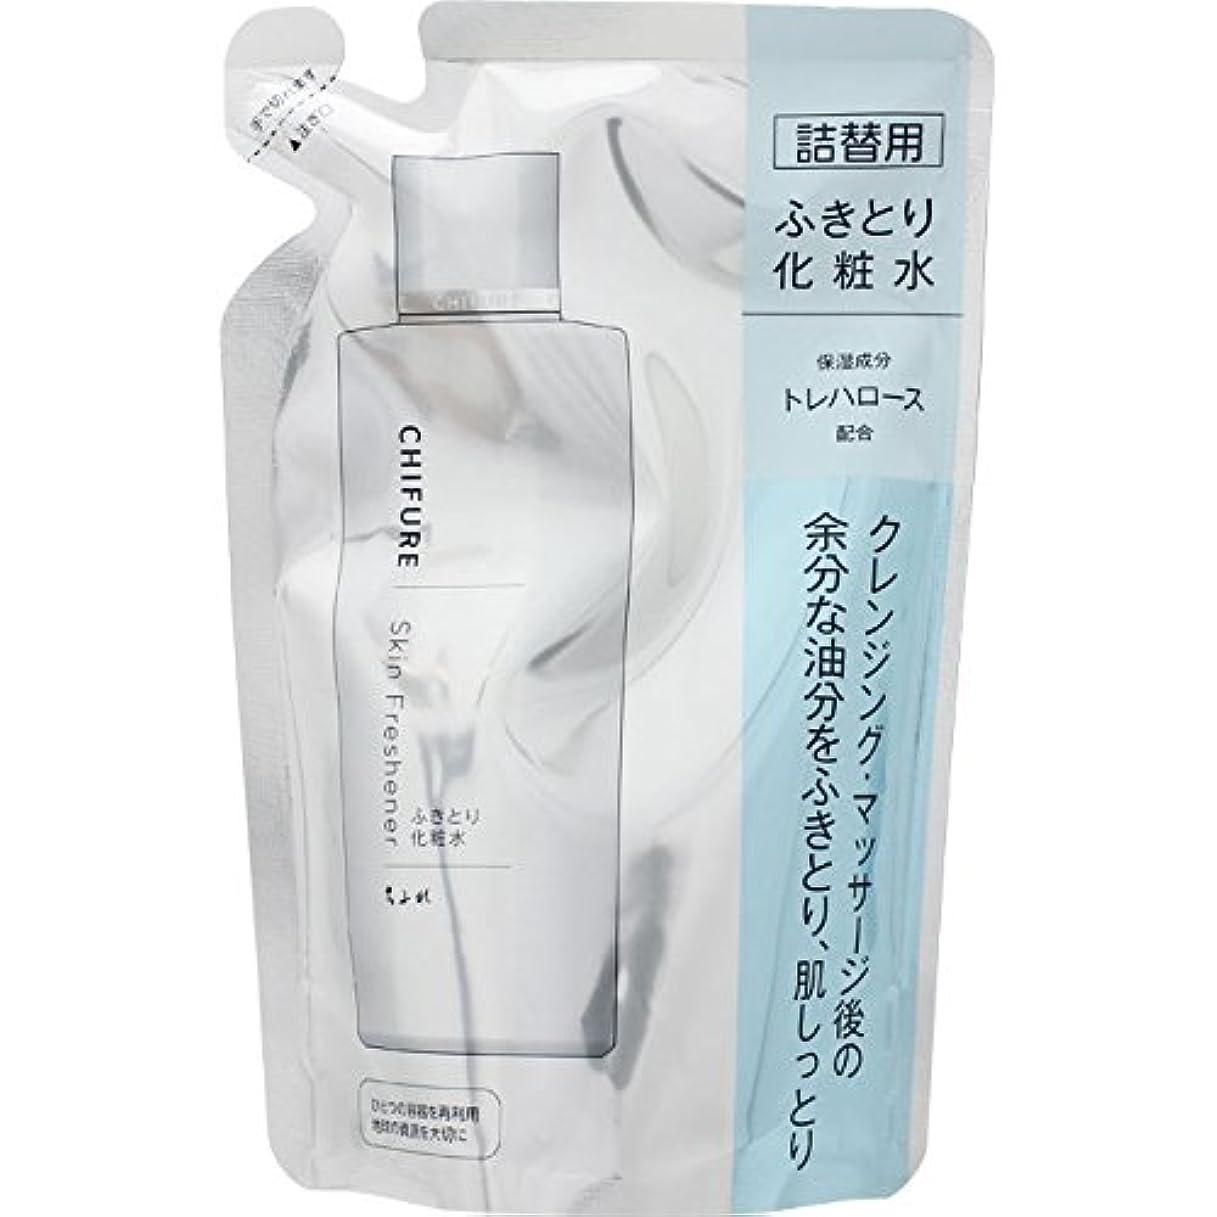 通行人改善する社交的ちふれ化粧品 ふきとり化粧水 詰替用 150ML